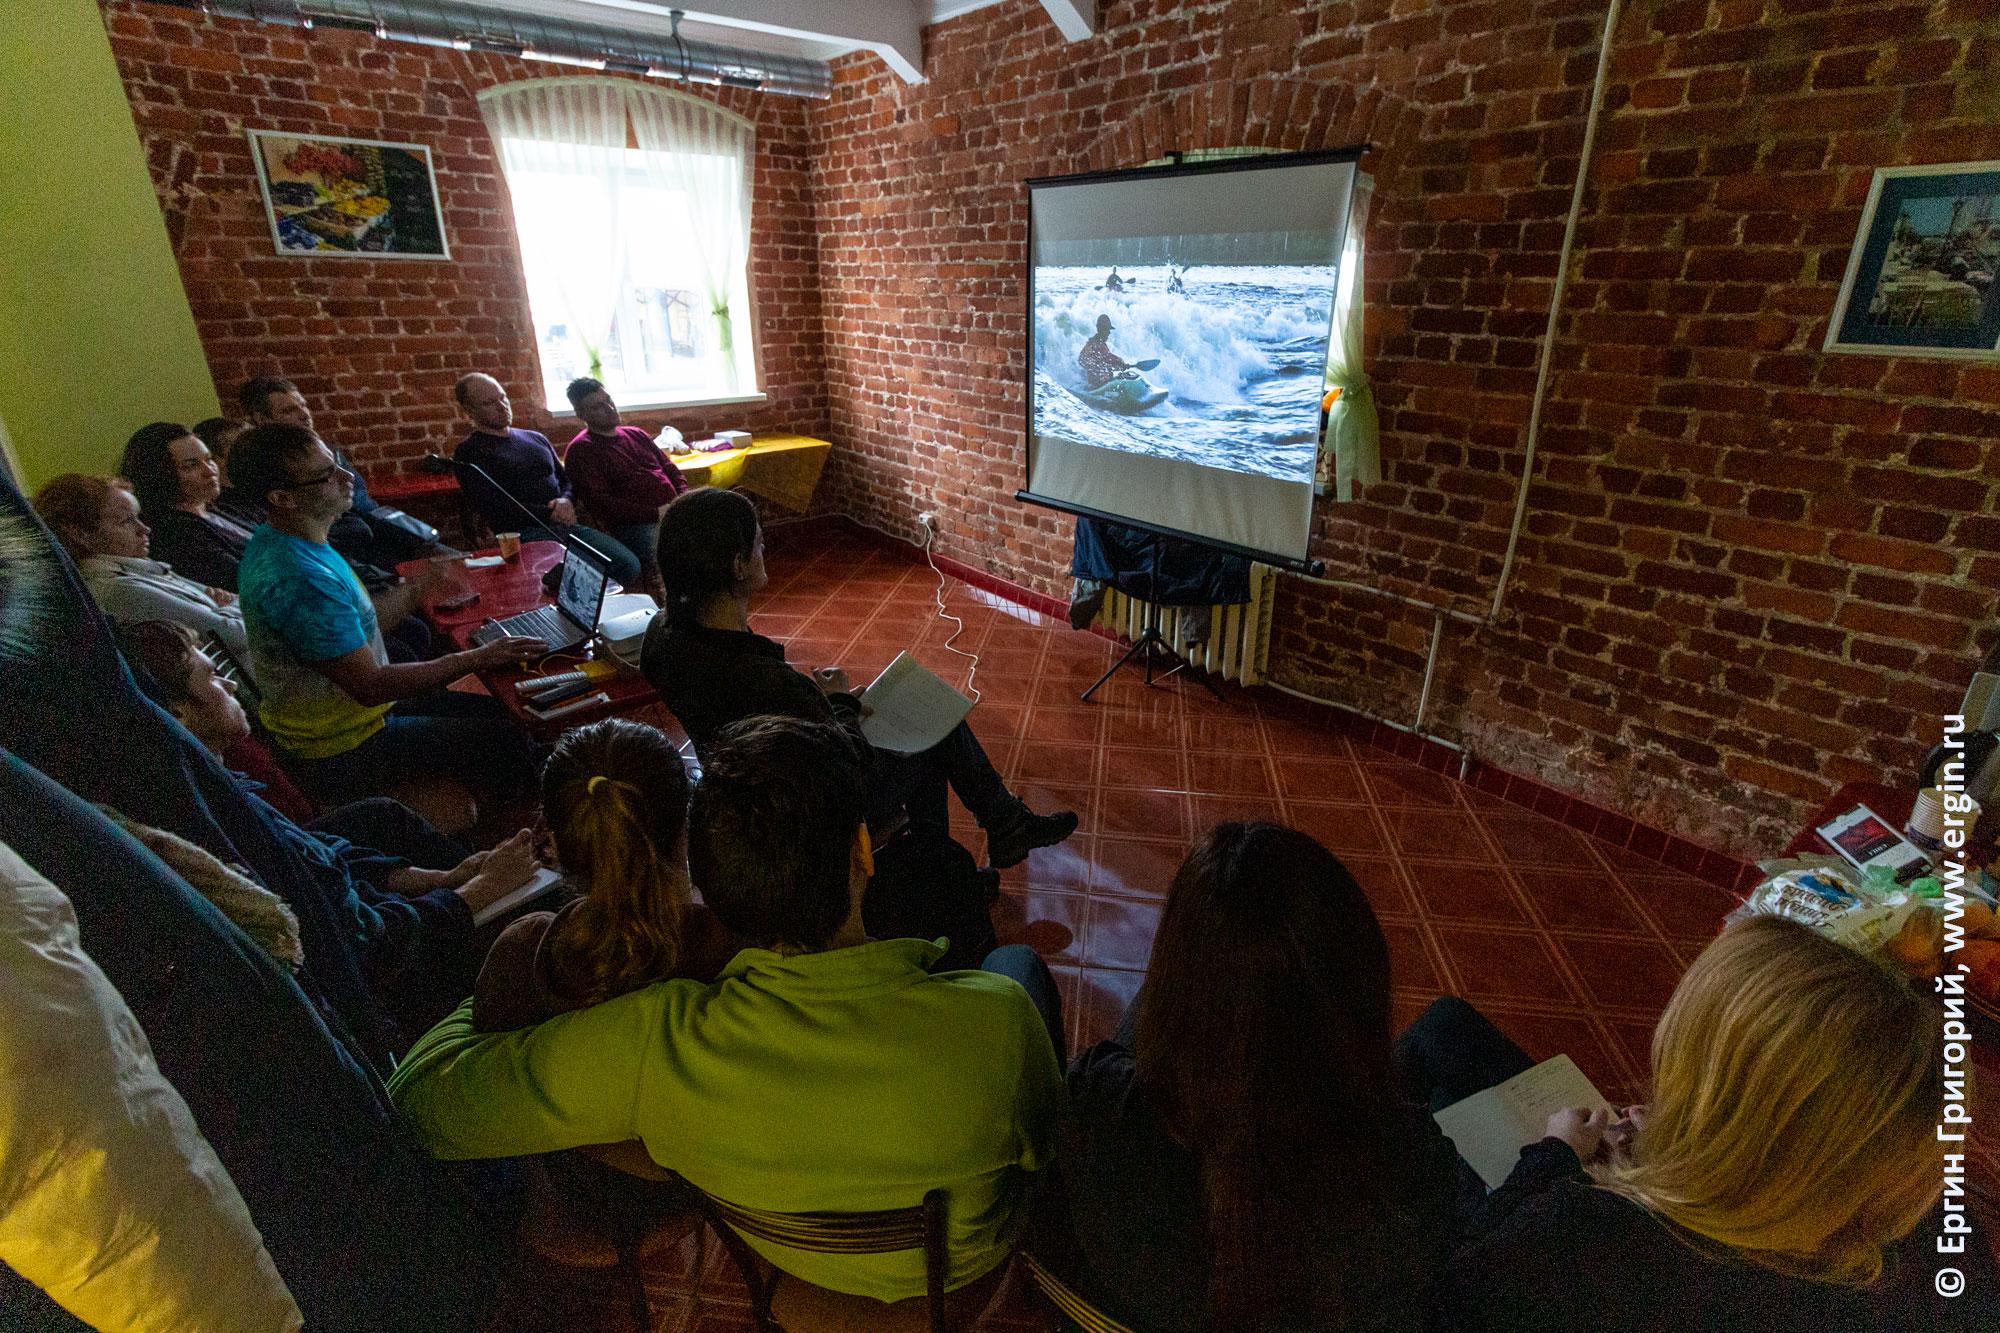 Каякеры смотрят обучающее видео по фристайлу на бурной воде